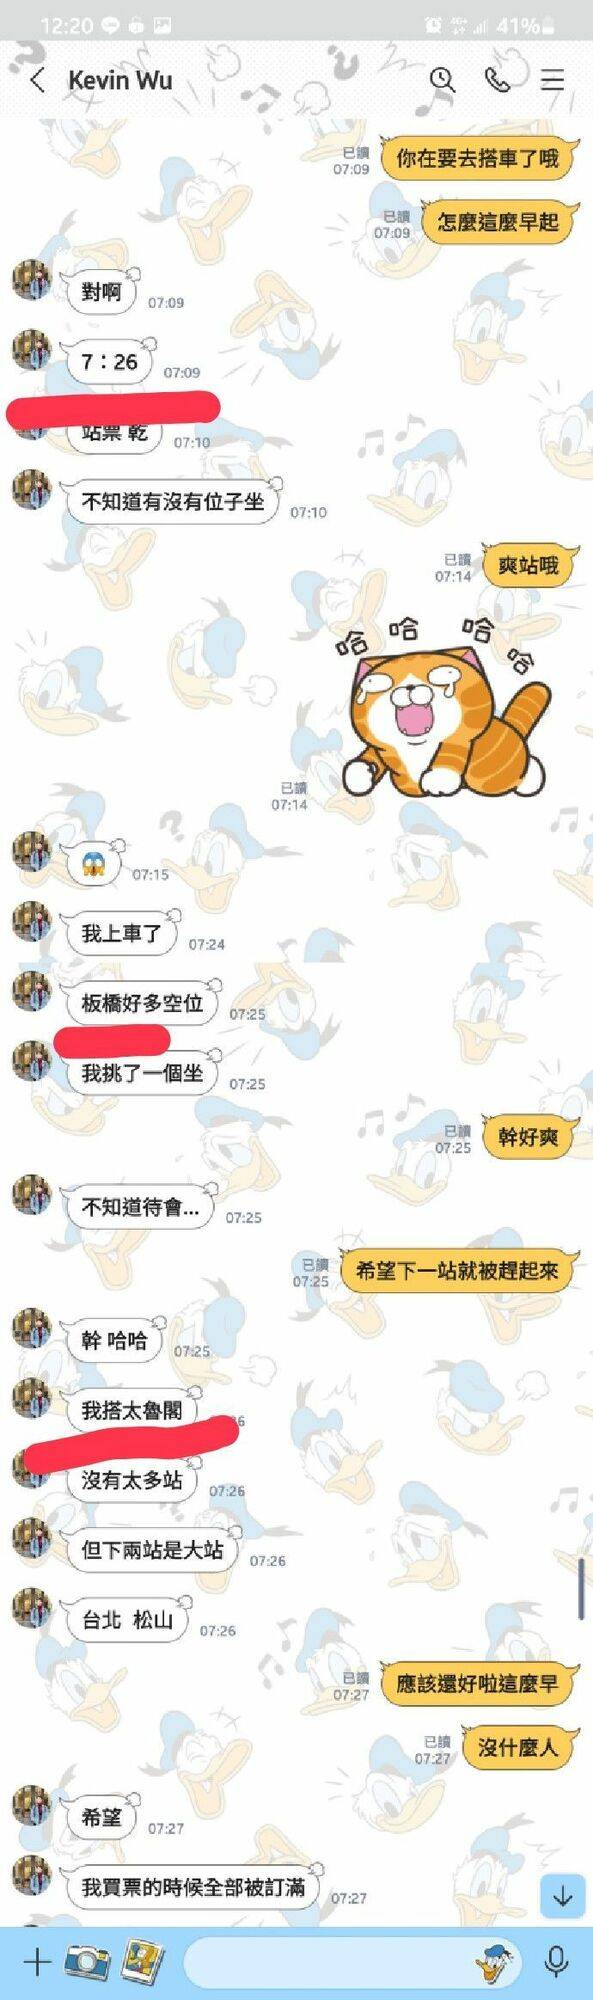 看到吳享宸與同學的對話紀錄,家人才確知他真的搭上408次太魯閣號。(胡仁順提供)